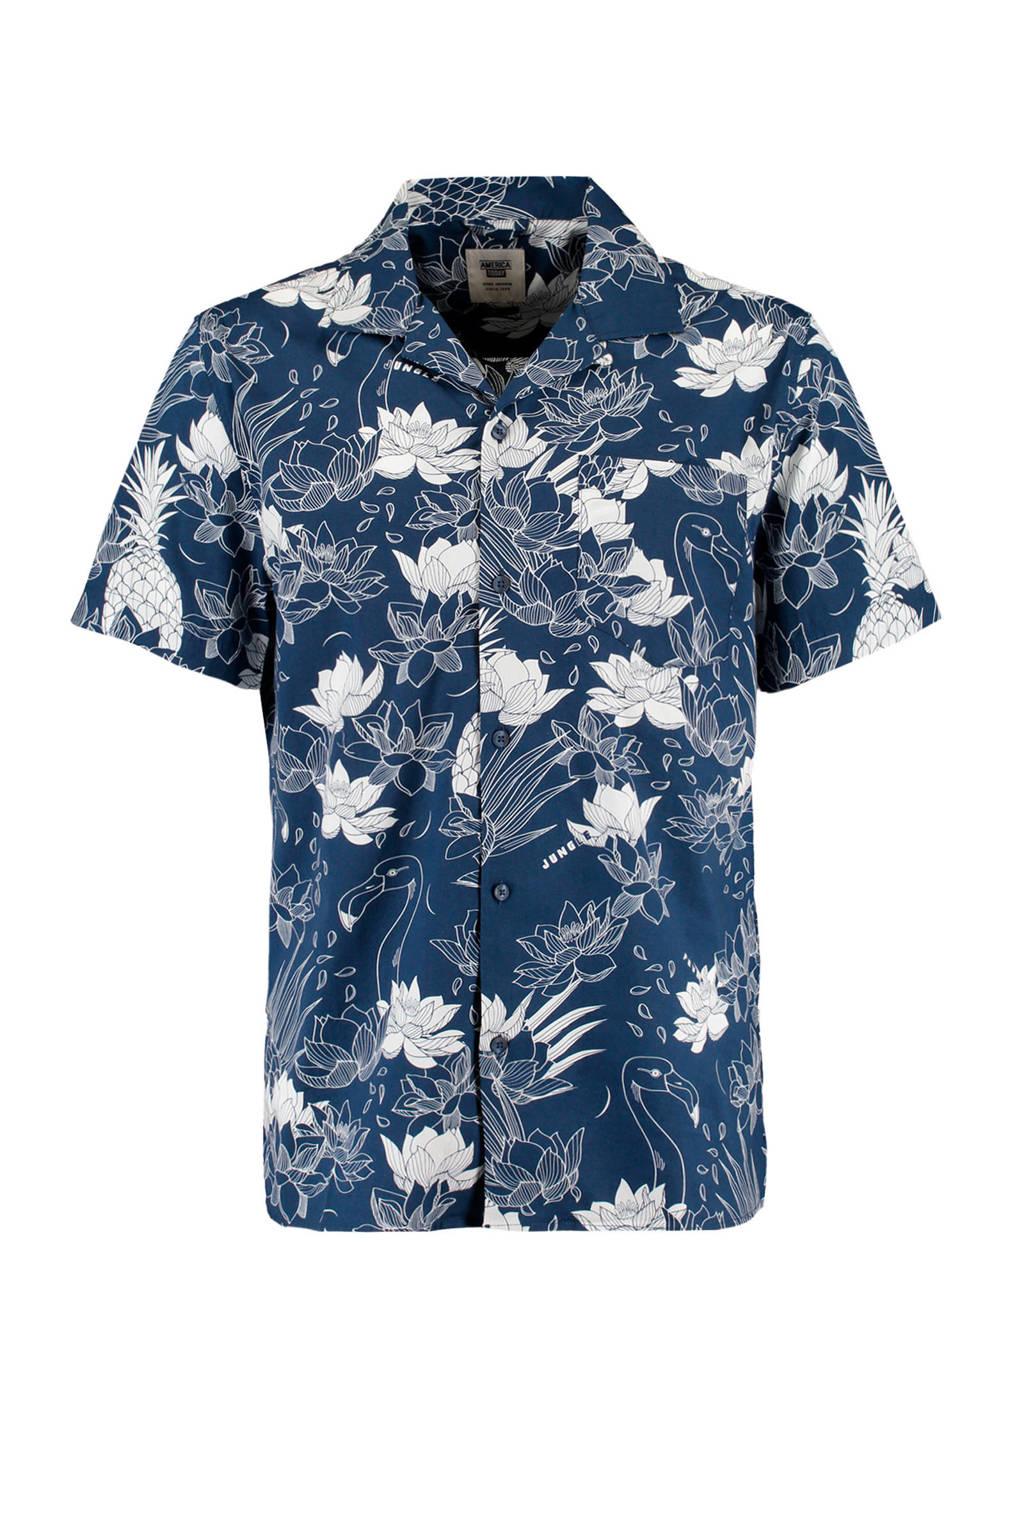 America Today regular fit overhemd Izra met all over print blauw, Blauw